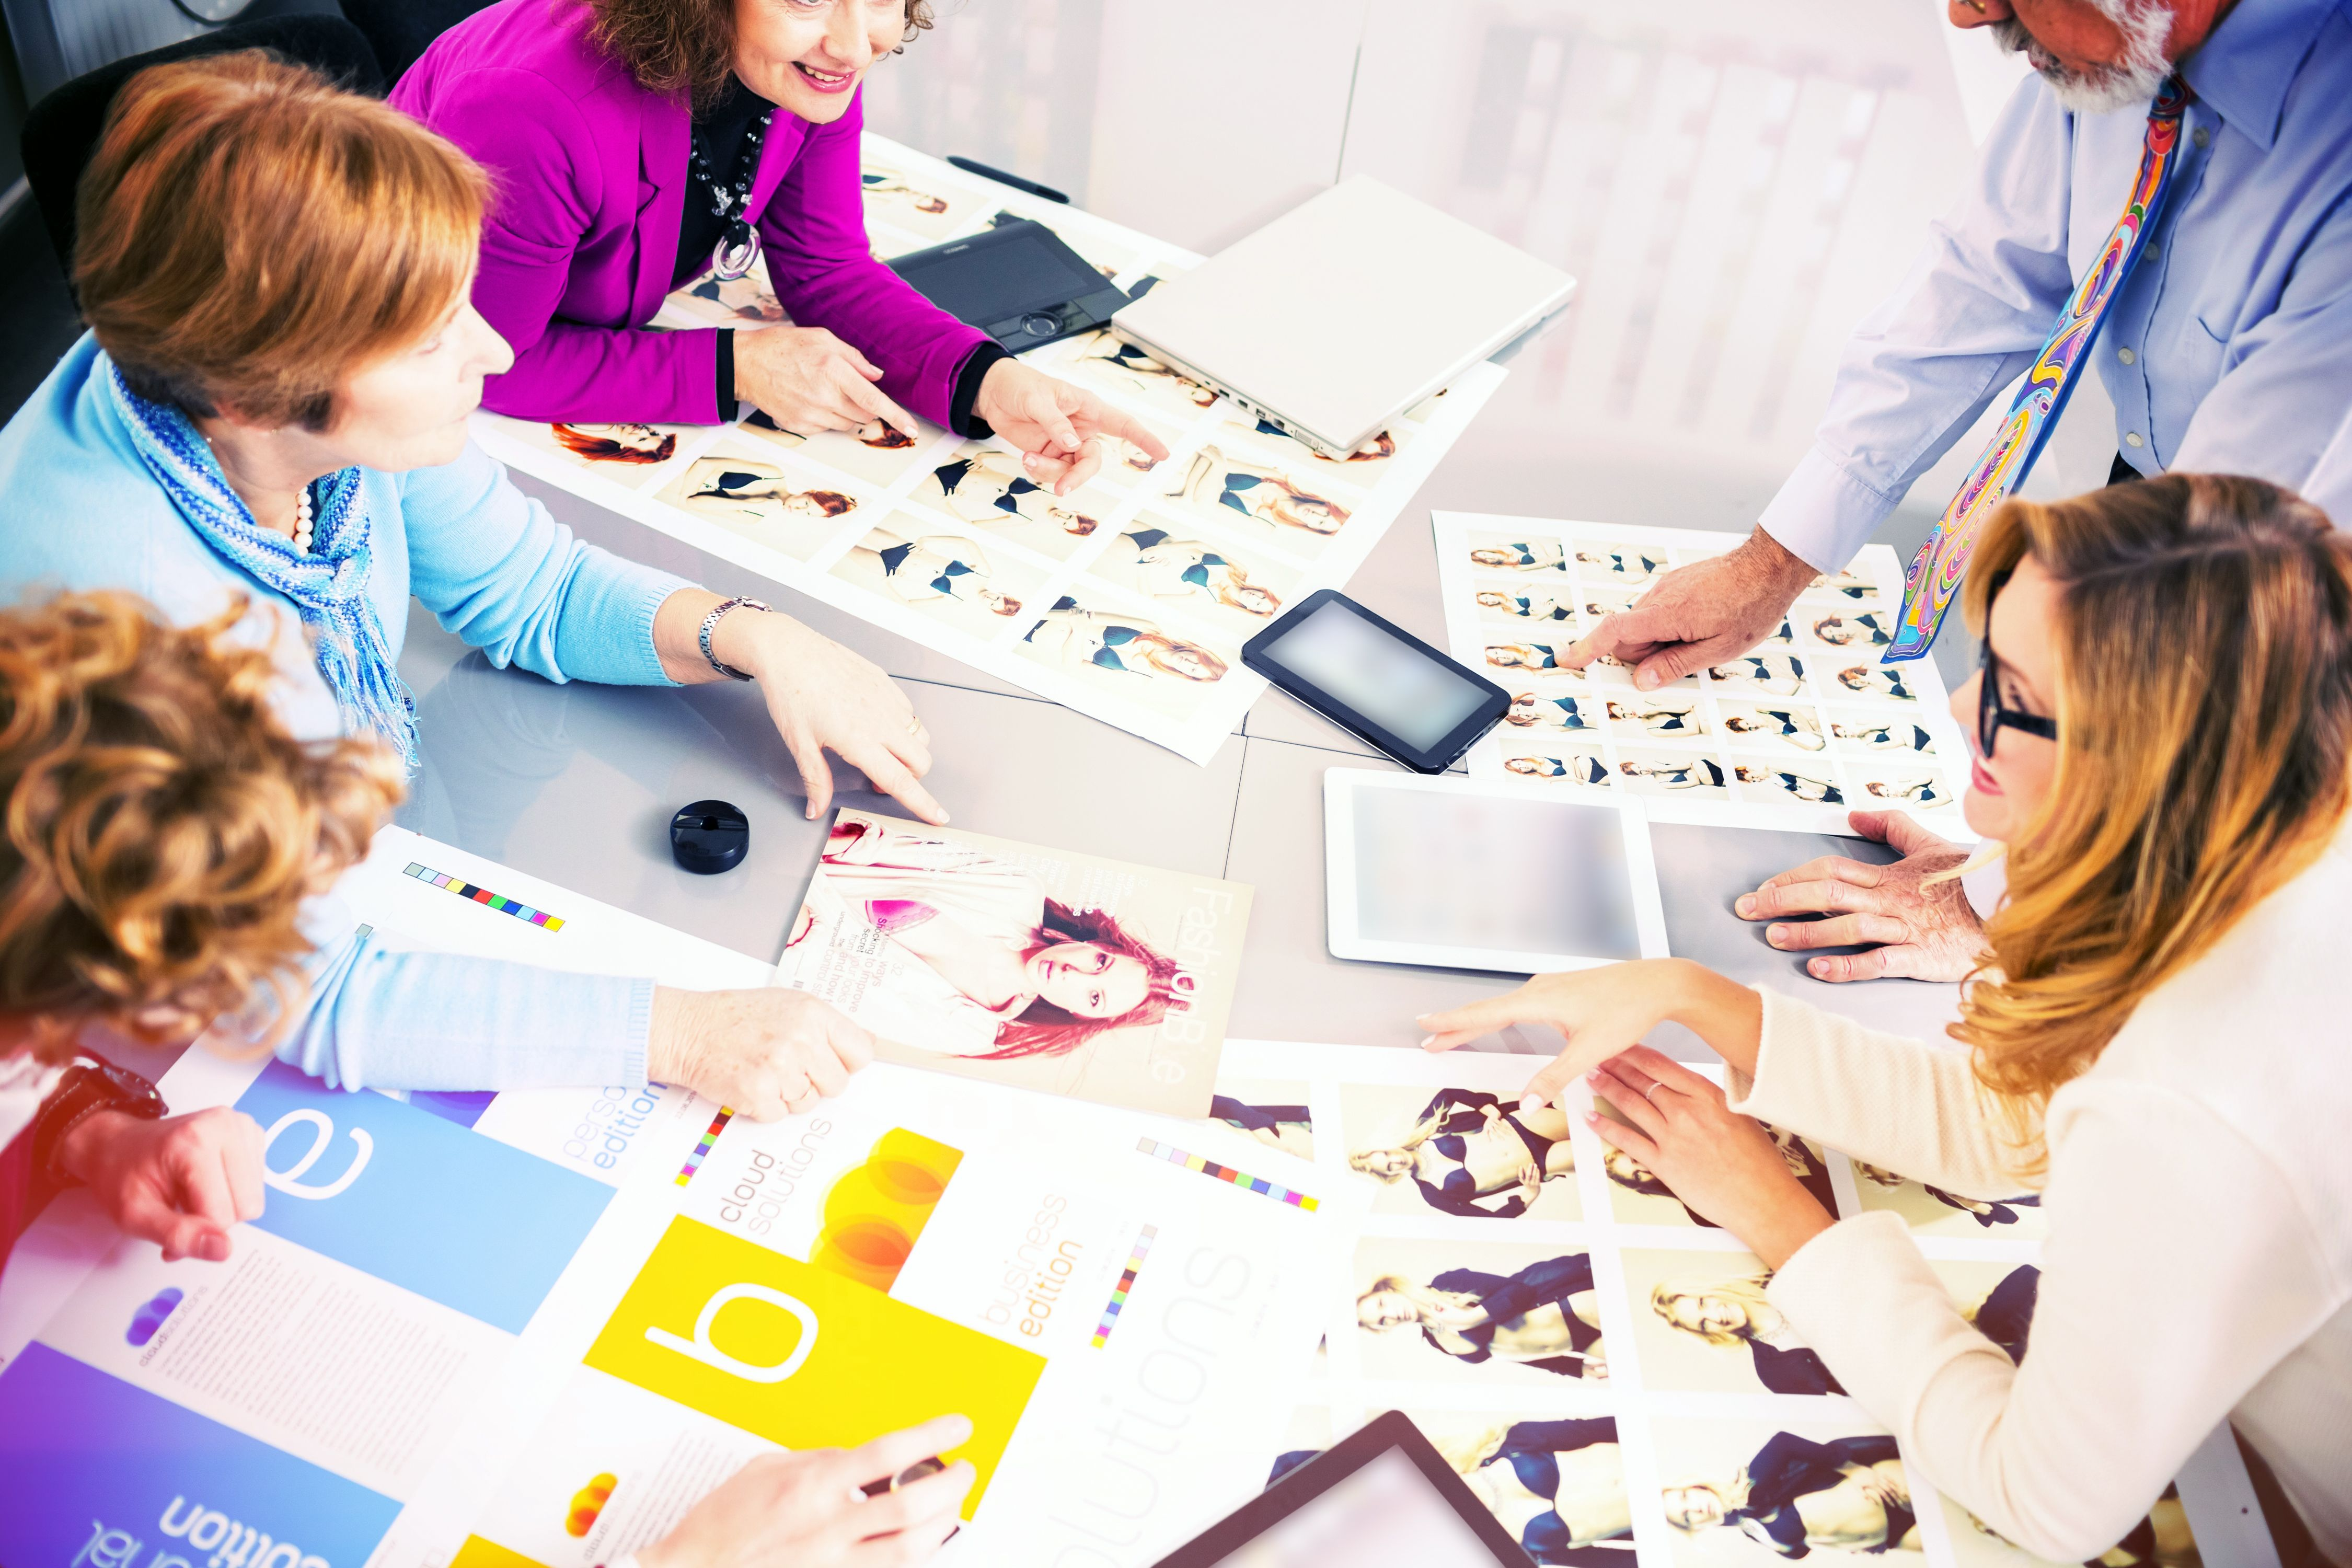 Diseño gráfico: Productos y servicios de Bedia Artes Gráficas